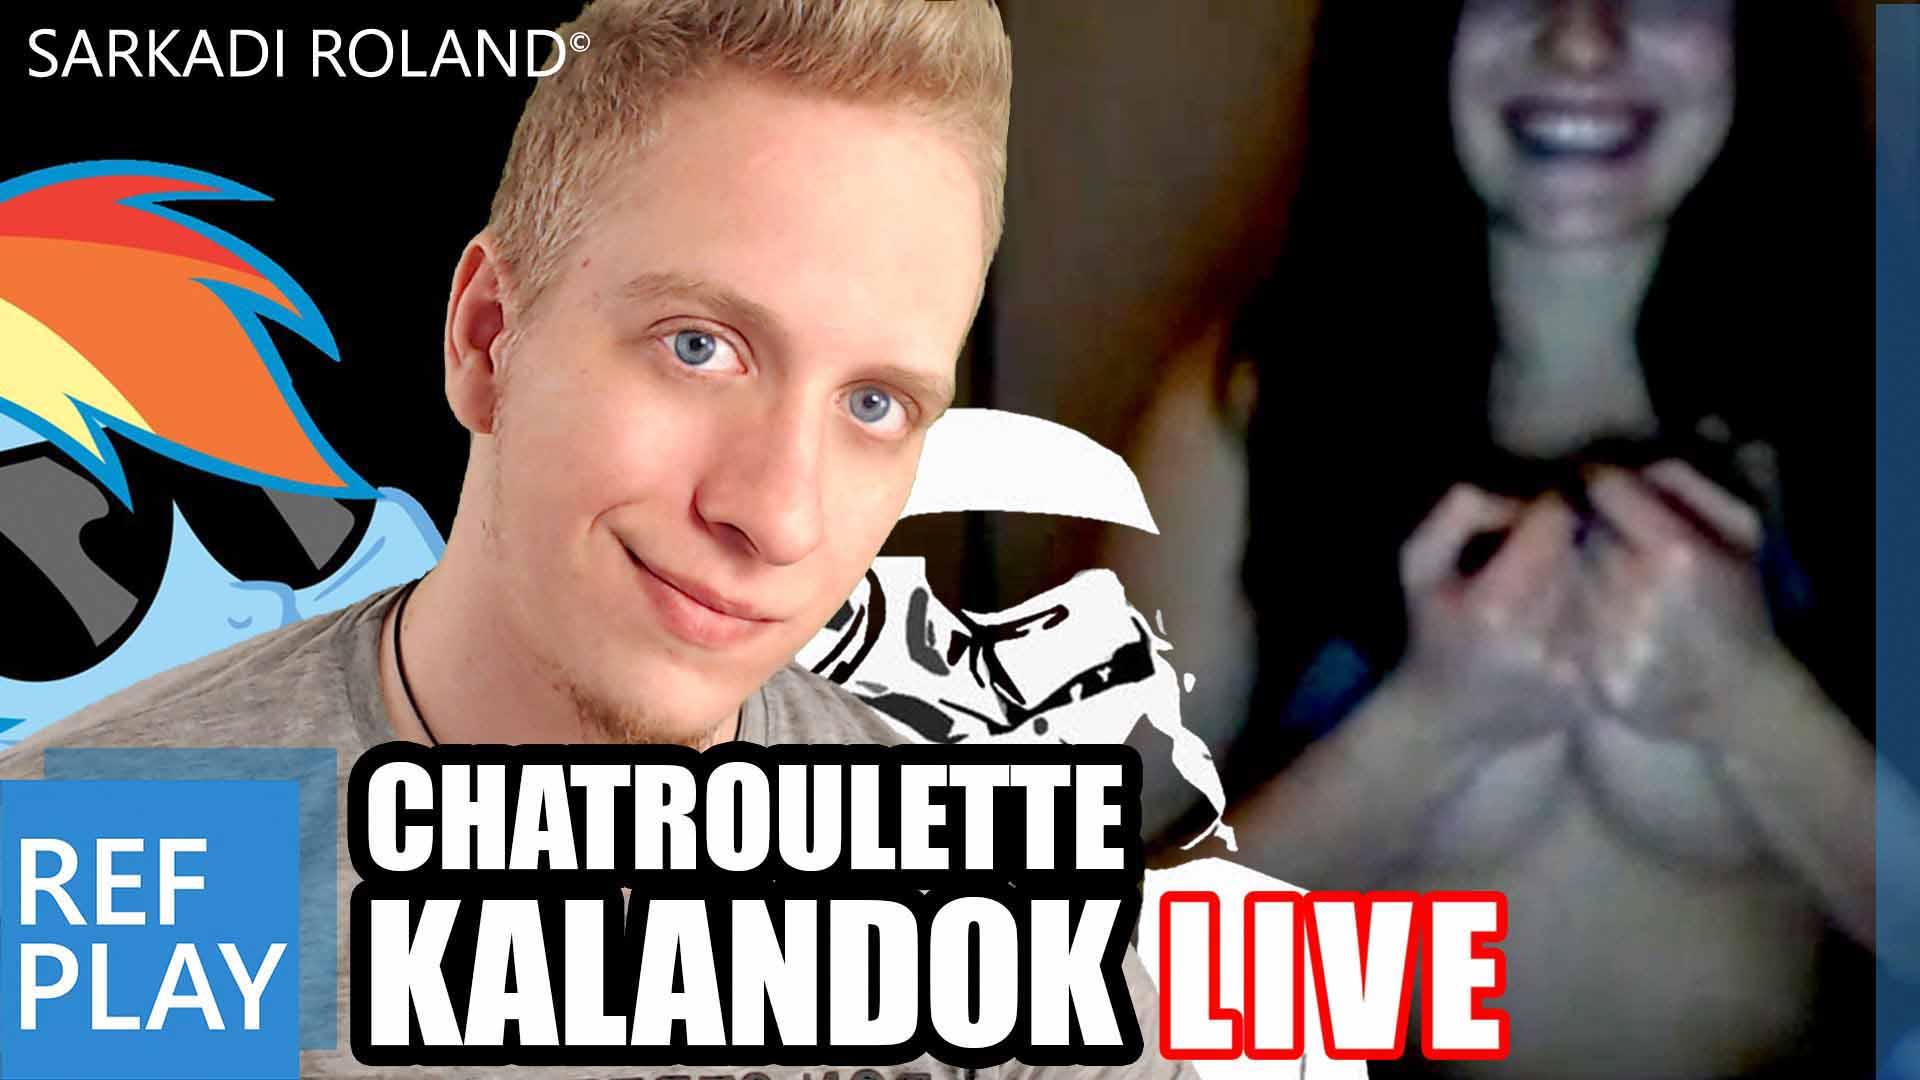 CHATROULETTE KALANDOK live adás